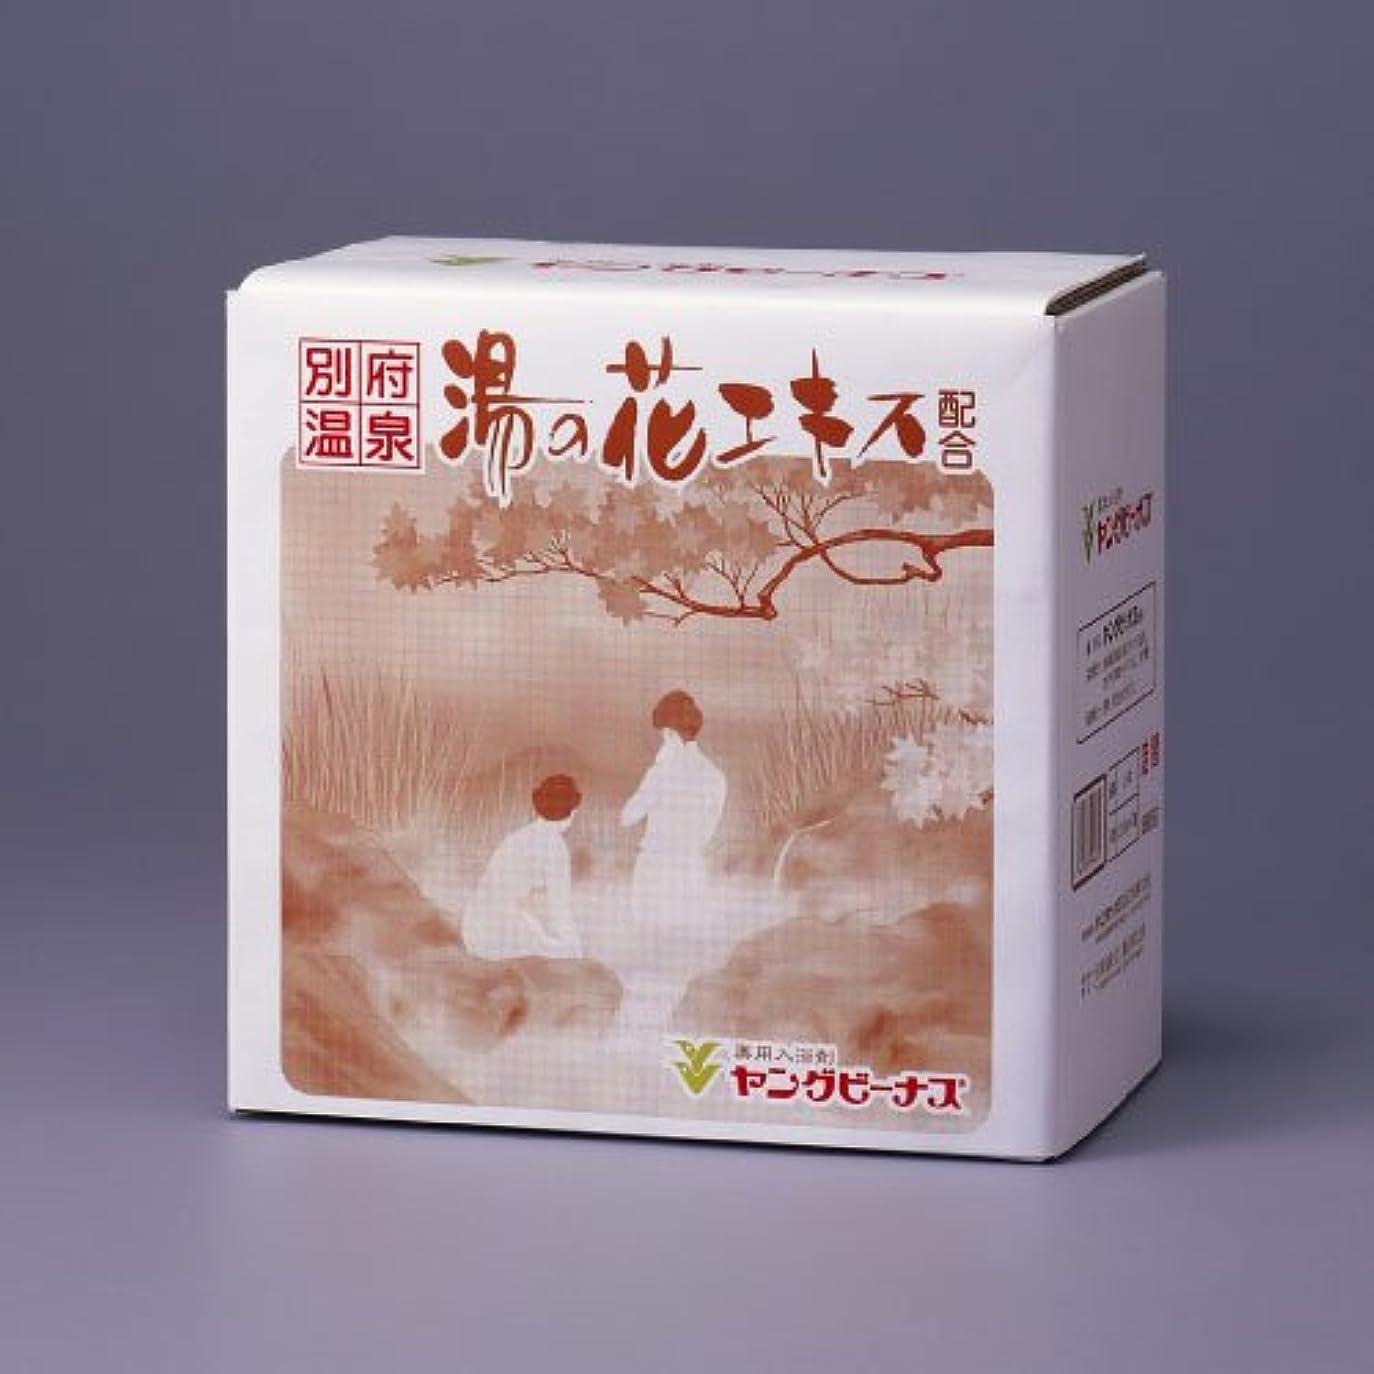 定期的に落ち着かない審判薬用入浴剤ヤングビーナスSv C-60【5.6kg】(詰替2.8kg2袋) [医薬部外品]